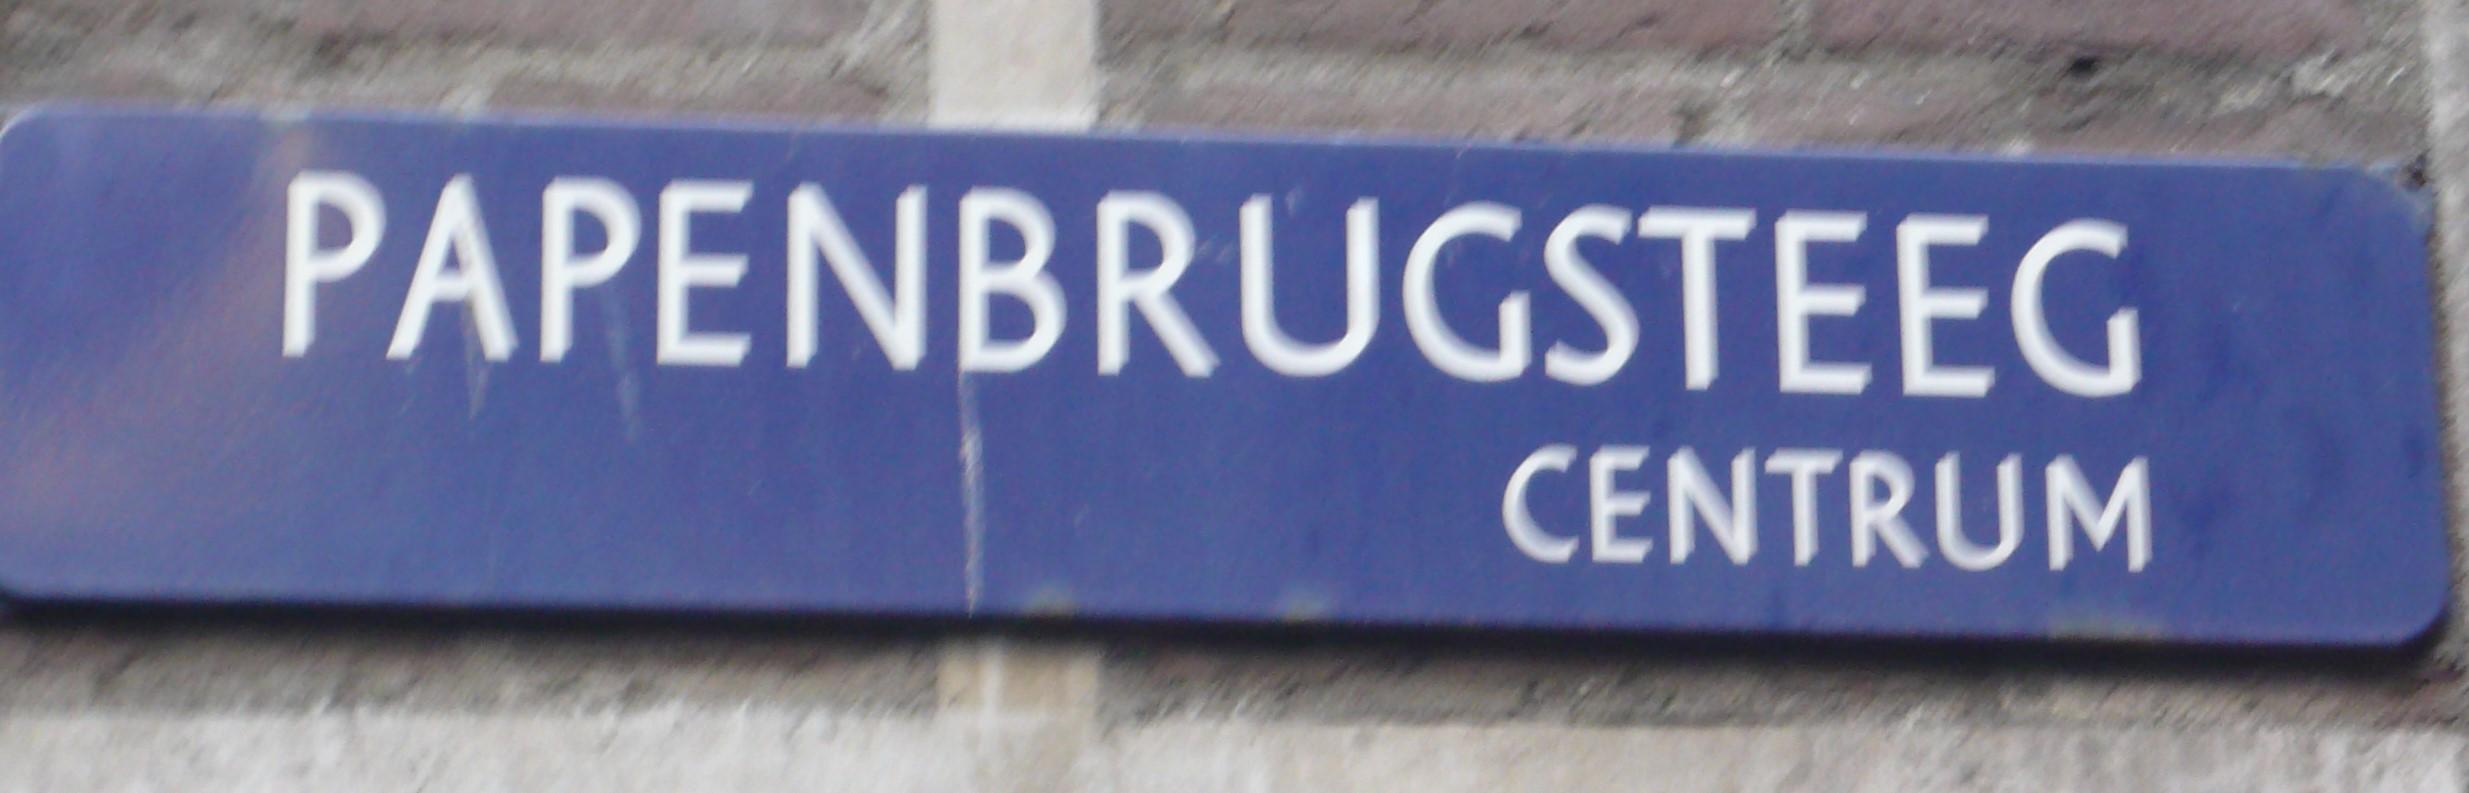 Straatnaambord aan de achtergevel van de Beijenkorf in Amsterdam.